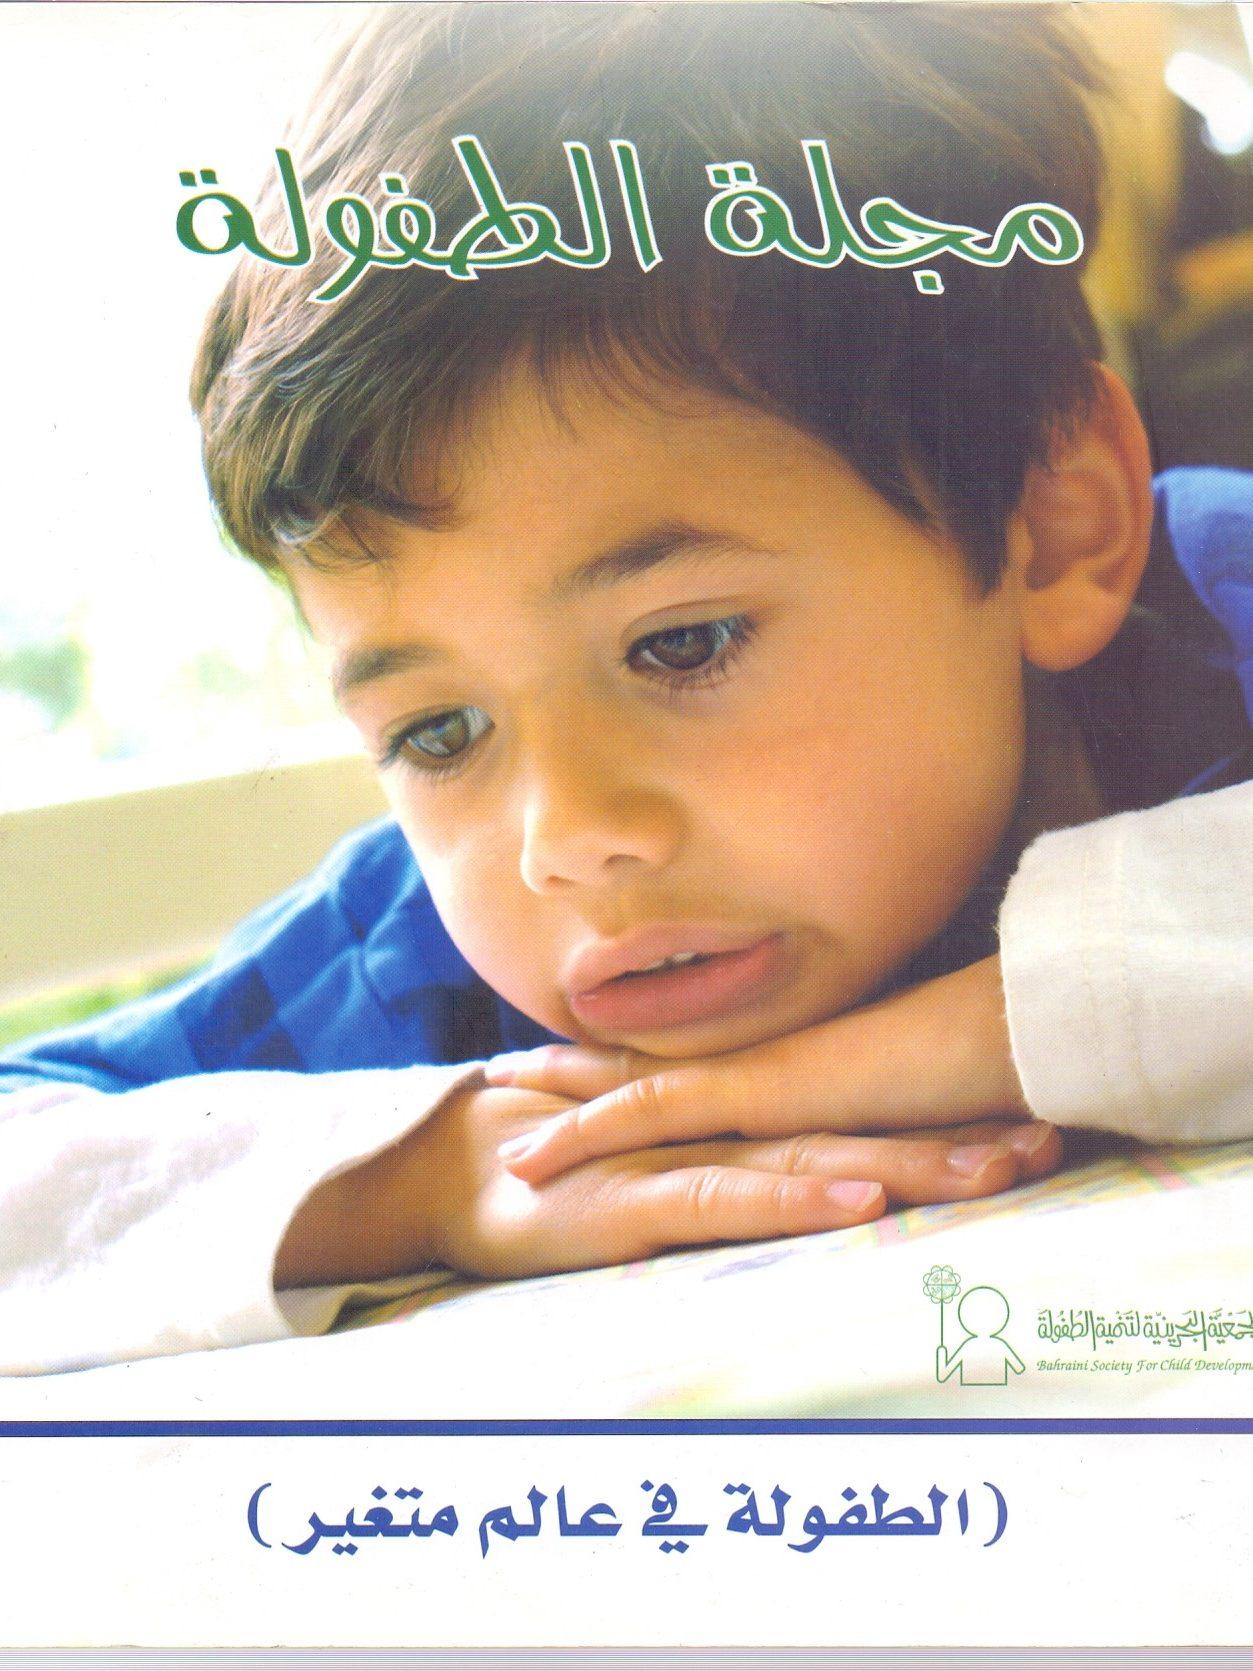 تحليل مضمون امنيات الاطفال المستقبلية في ضوء متغيرات الموهبة و النوع و المرحلة التعليمية